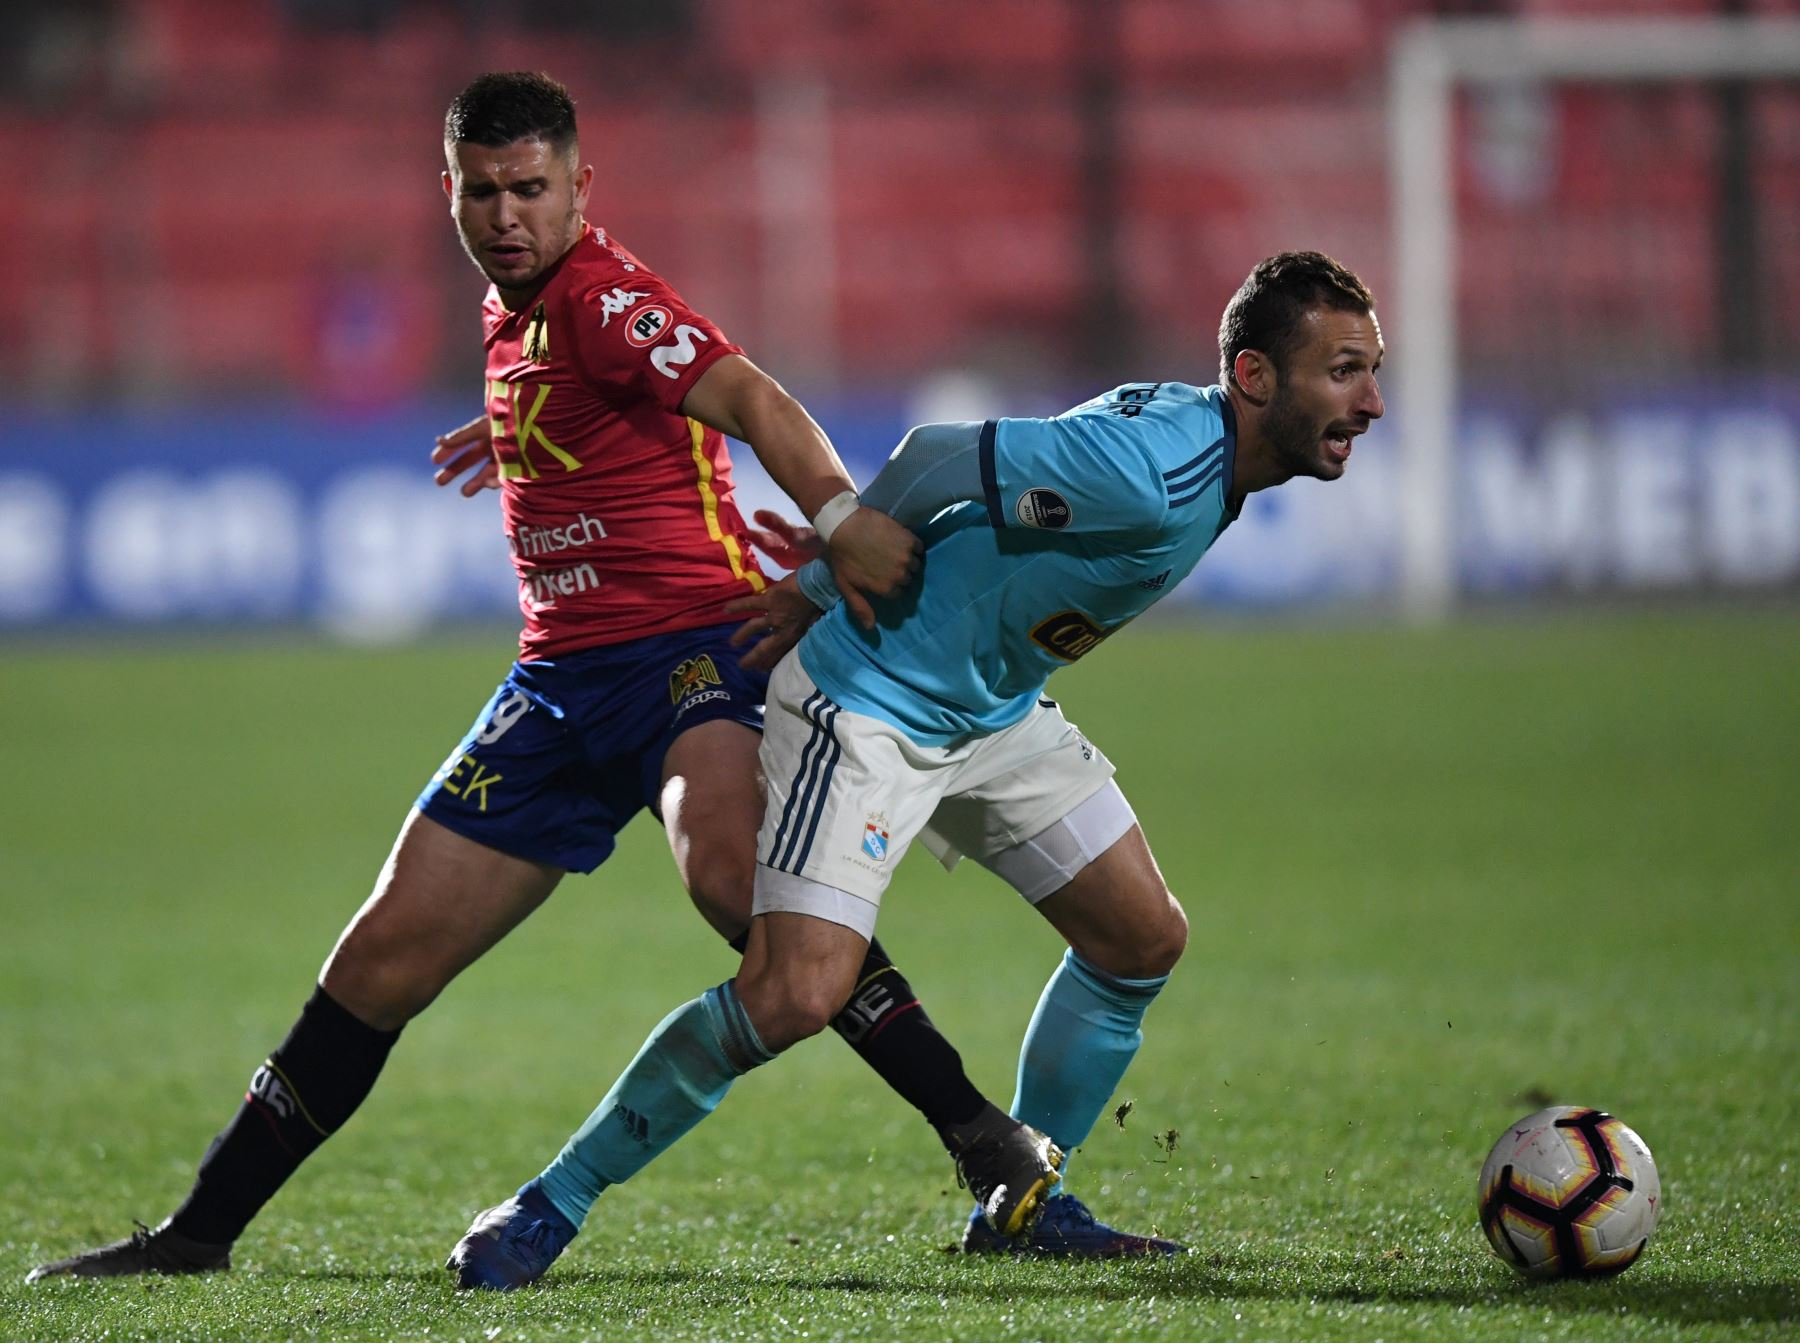 El futbolista argentino de Sporting Cristal Horacio Calcaterra (R) está marcado por la Unión Española de Paraguay, Mauro Caballero, durante su partido de fútbol de Copa Sudamericana . Foto:AFP